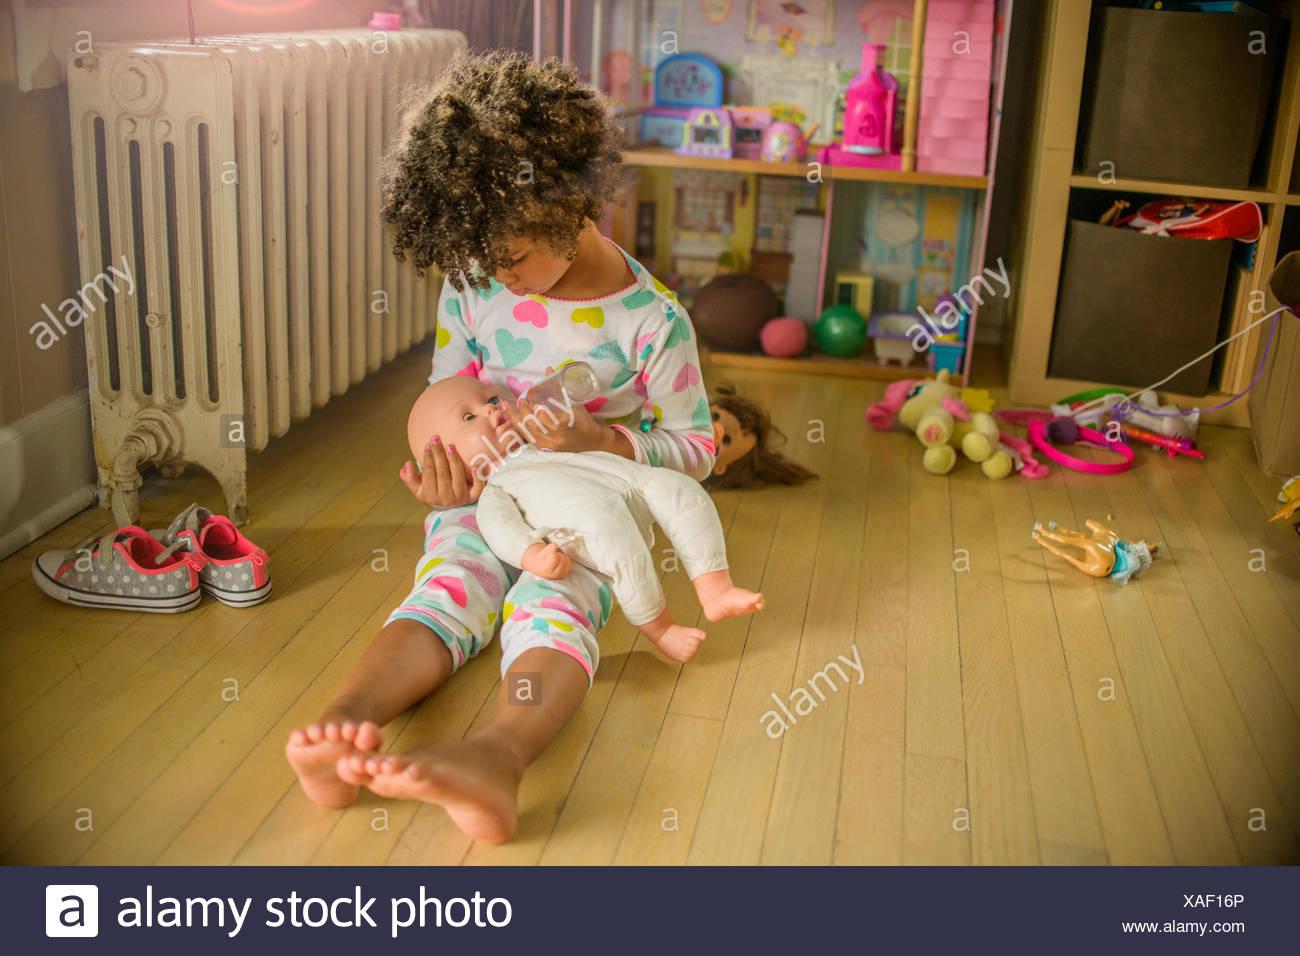 Ragazza seduta sul pavimento sala giochi di bambola di alimentazione Immagini Stock